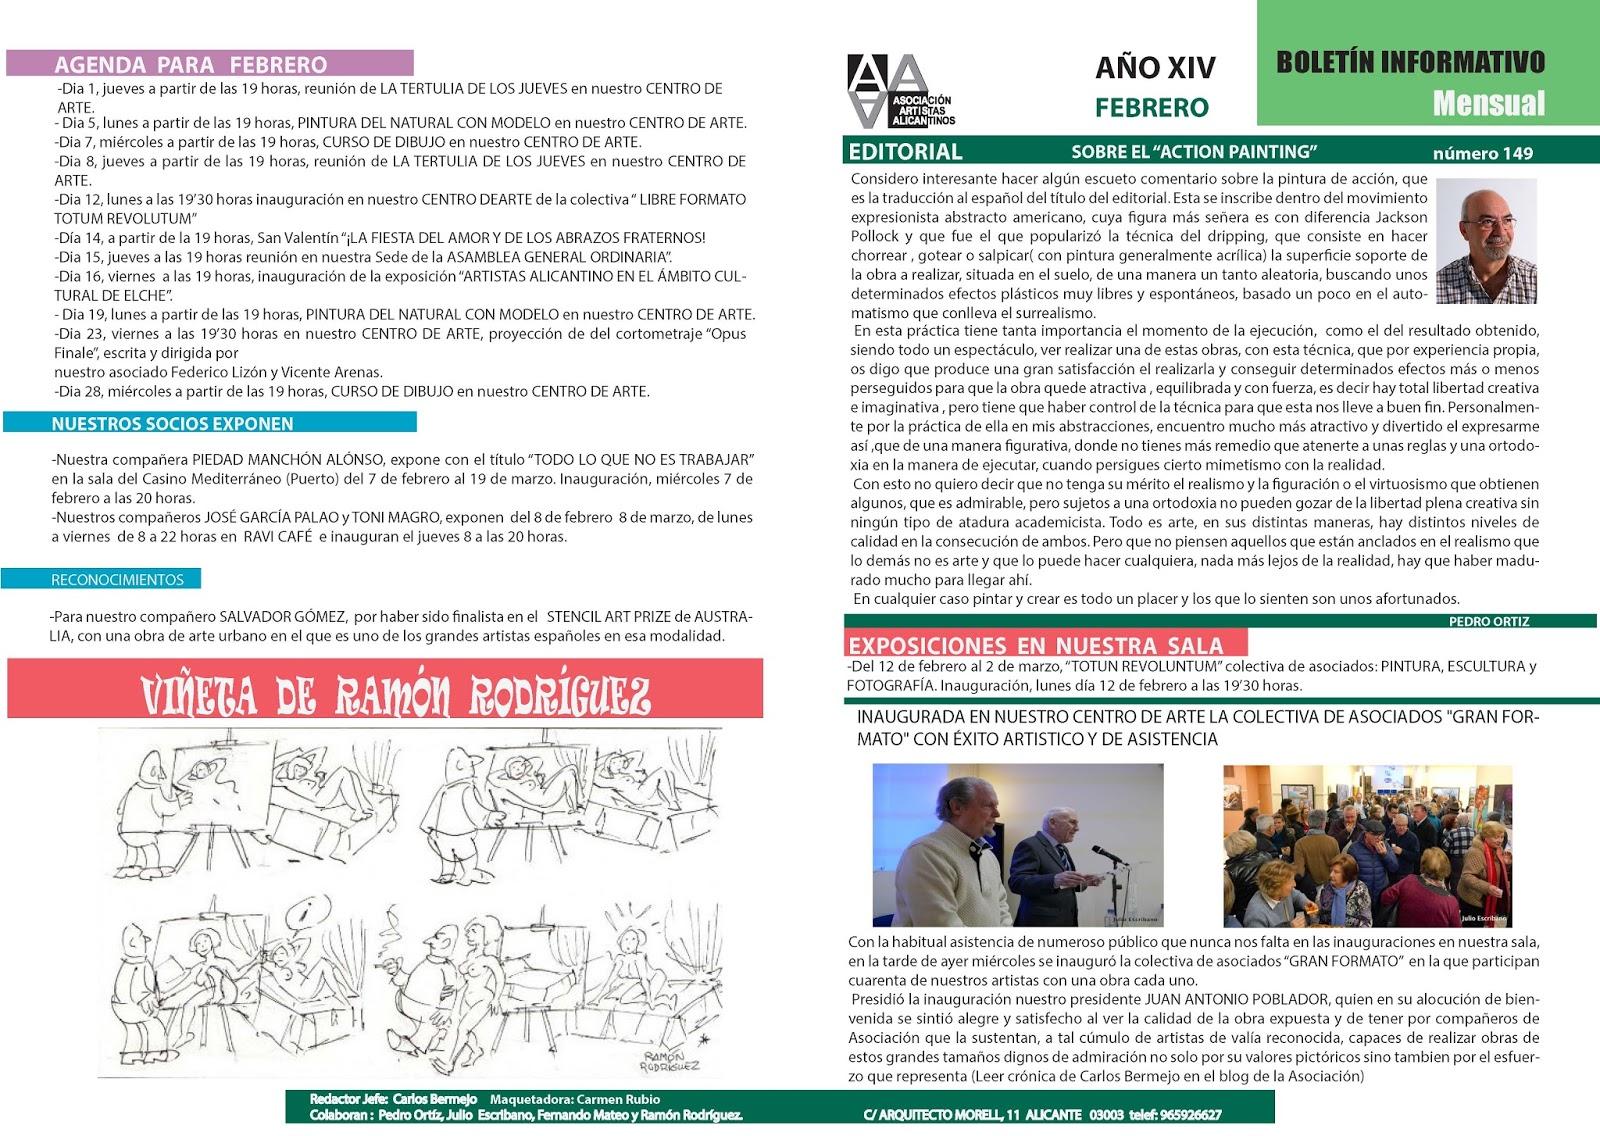 ASOCIACIÓN DE ARTISTAS ALICANTINOS: BOLETÍN PARA EL MES DE FEBRERO